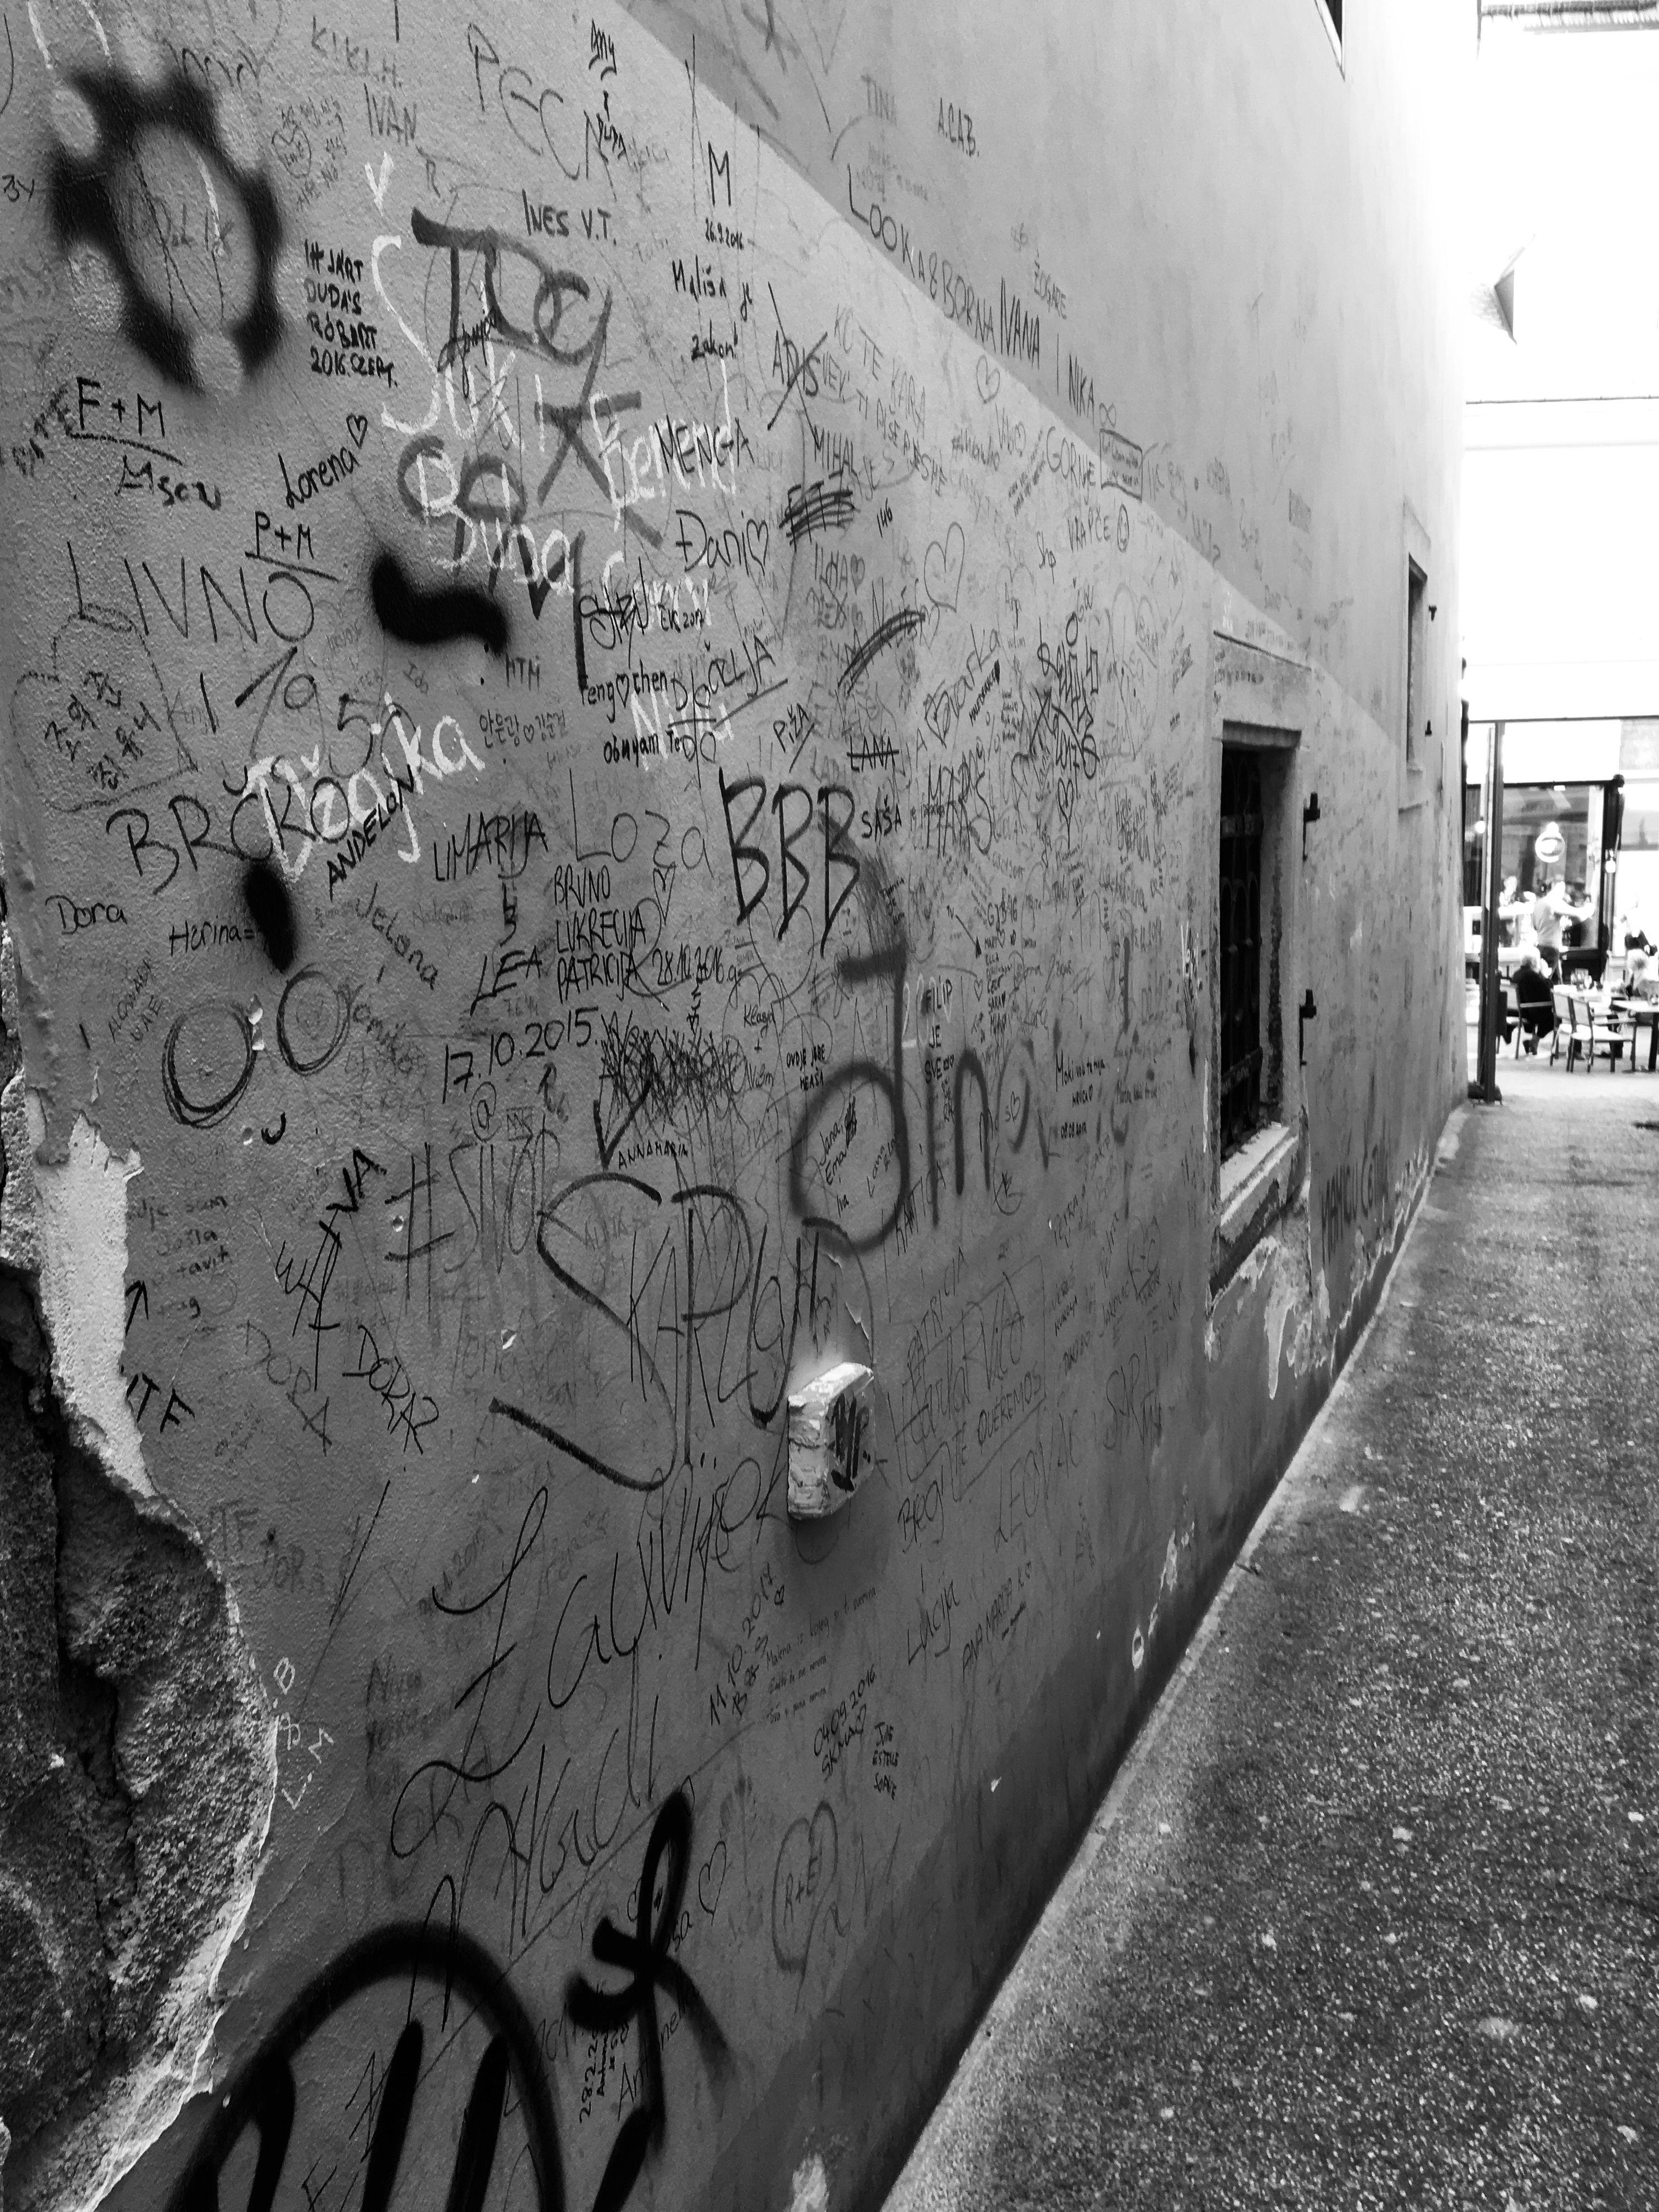 Wall walls cute sad city zagreb tumblr